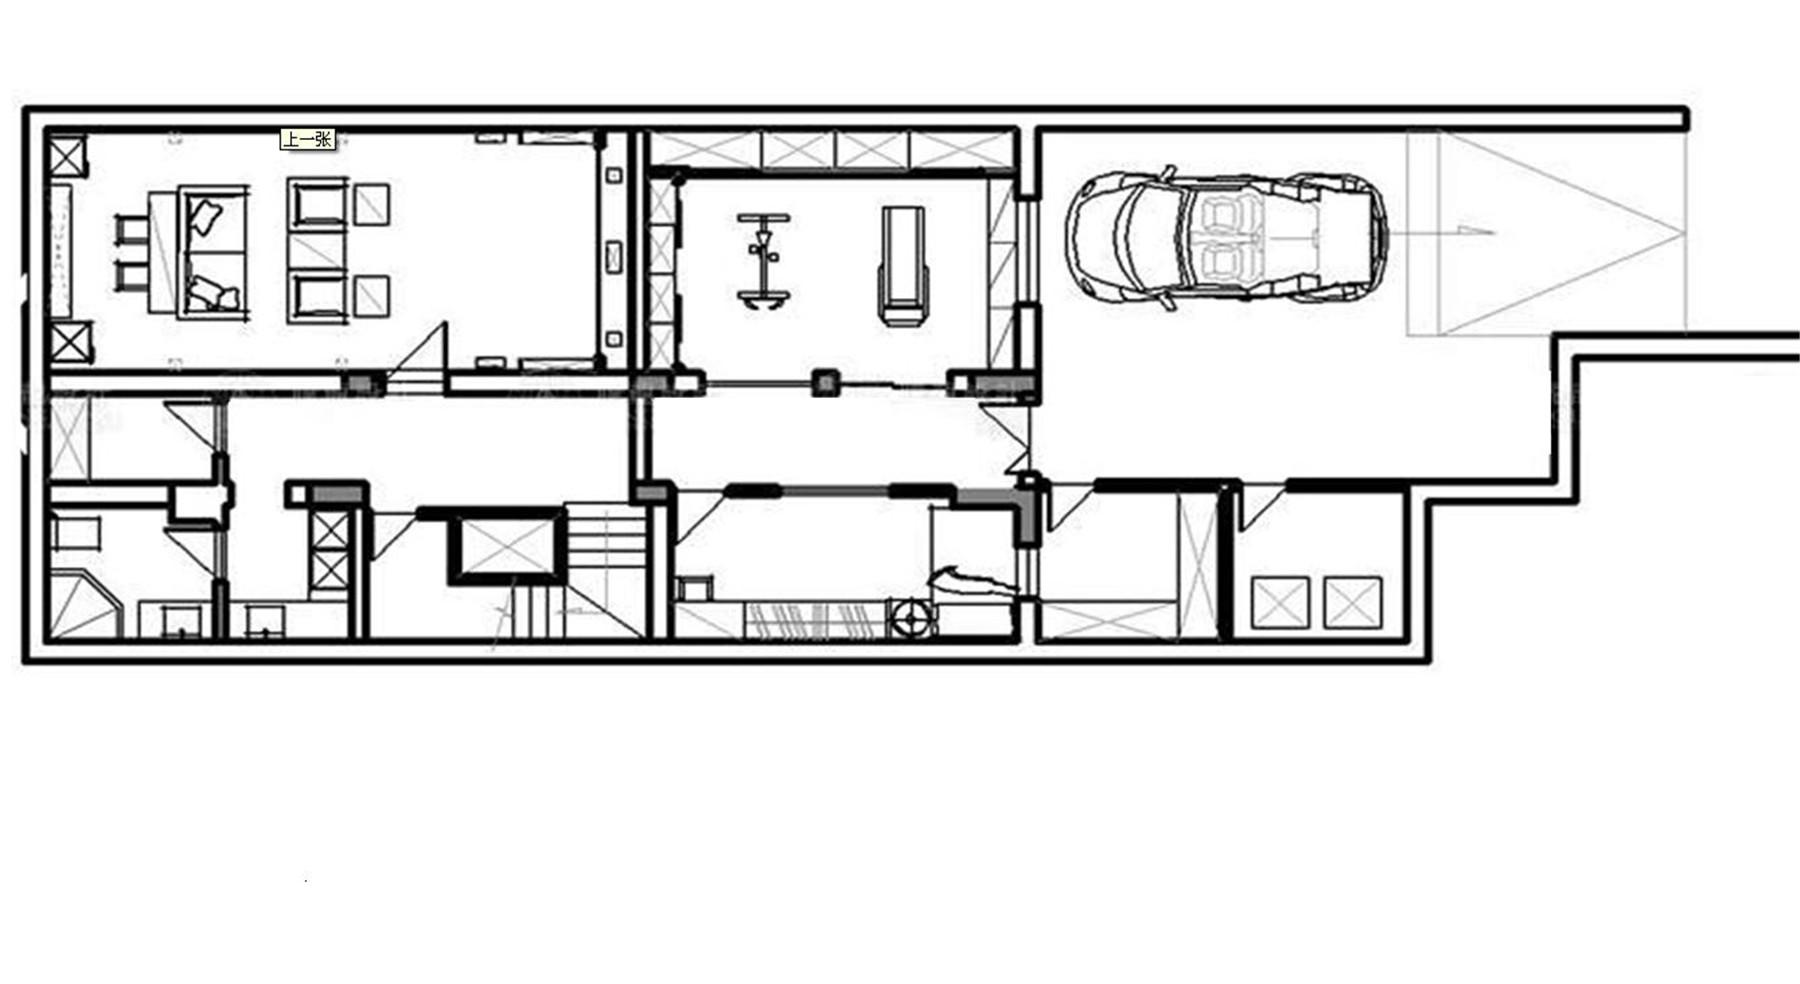 皇都花园 别墅装修 别墅设计 欧式古典 腾龙设计 户型图图片来自腾龙设计在皇都花园别墅装修欧式风格设计的分享